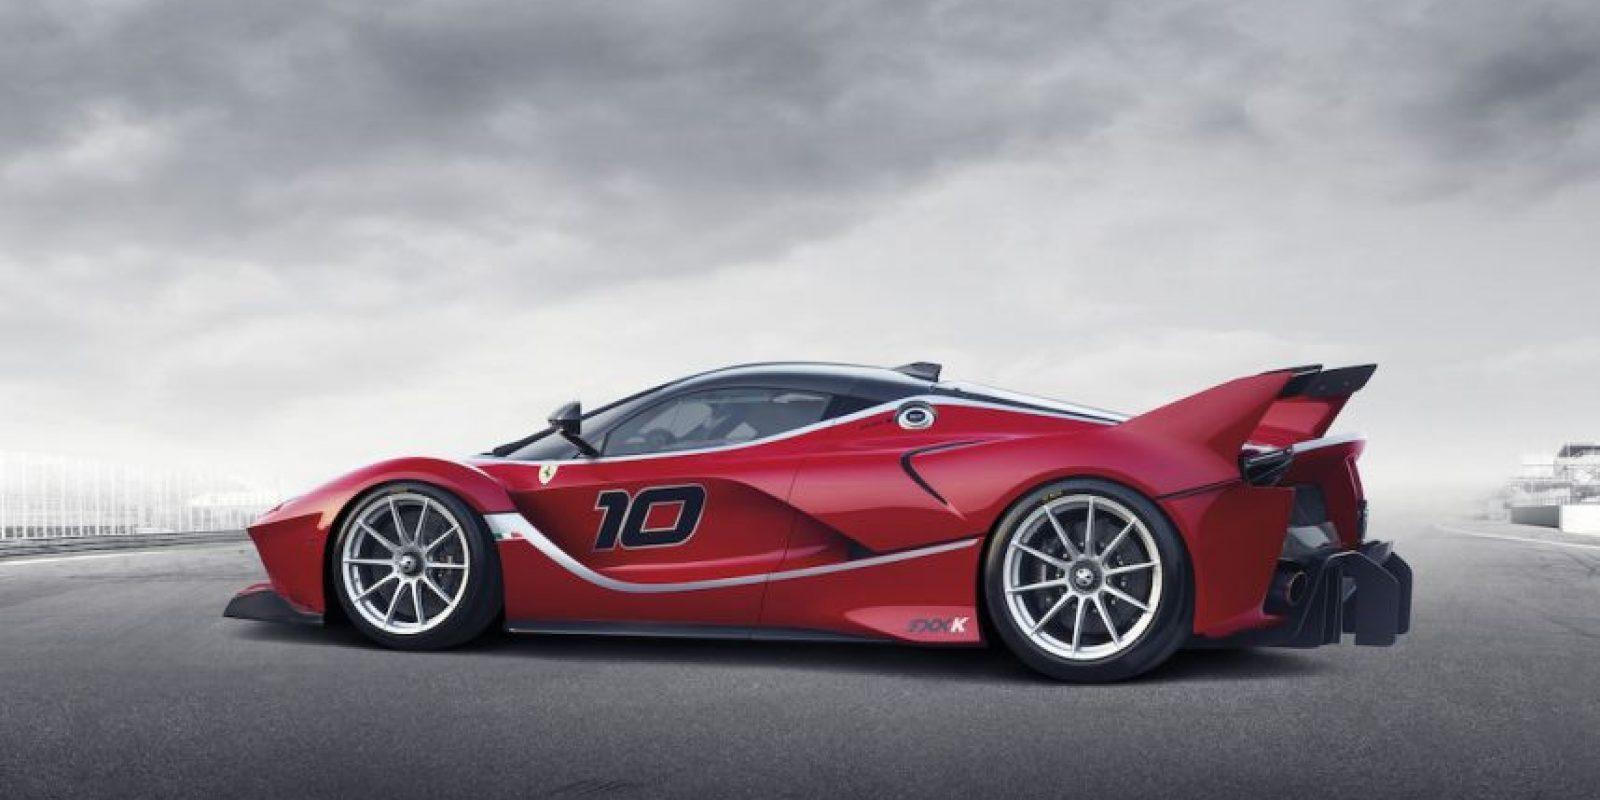 Foto:Ferrari